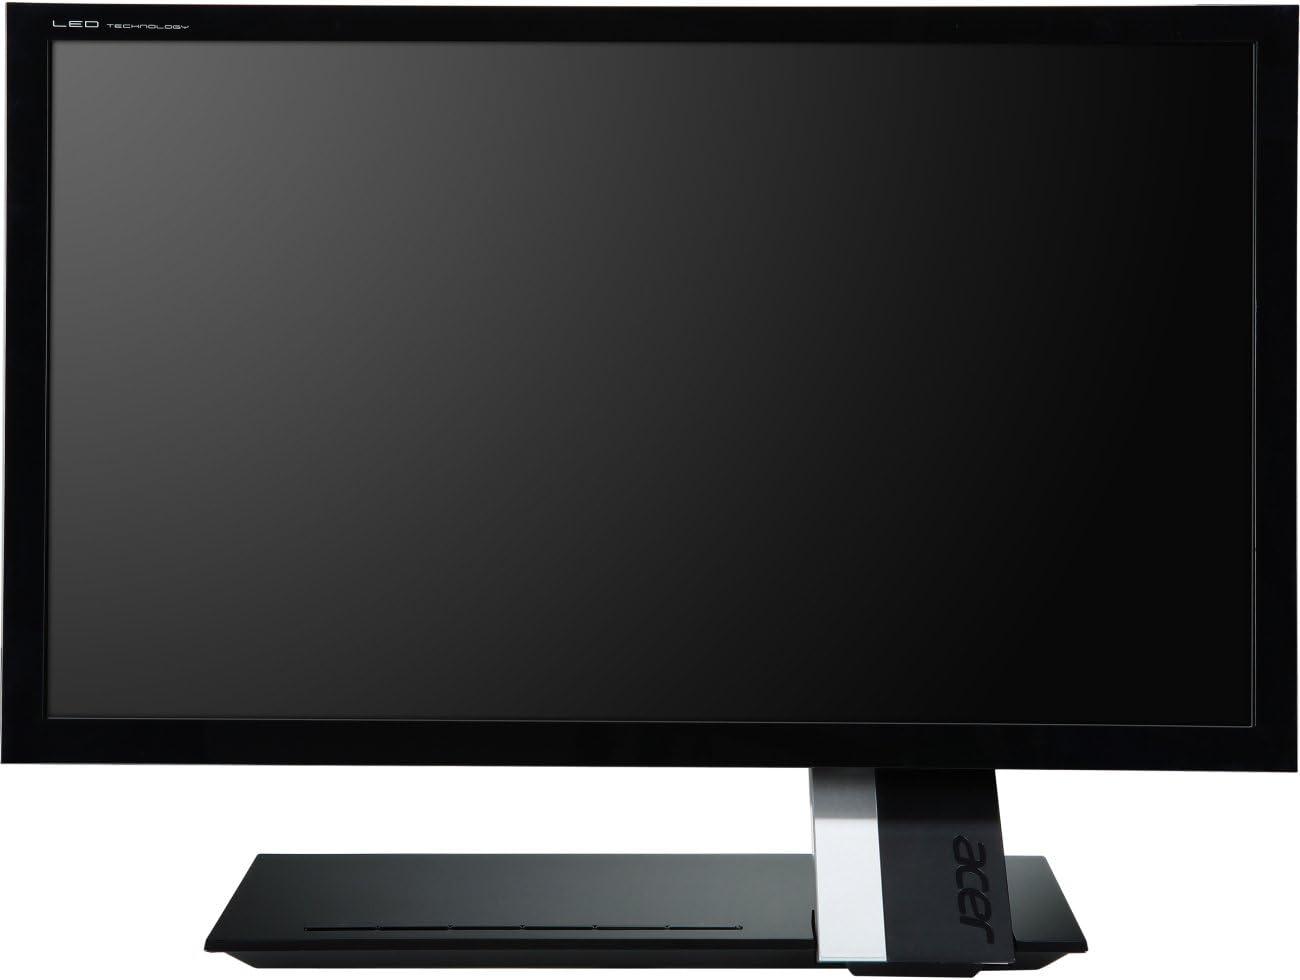 Acer S ET.VS5HP.001 23-Inch LED-Lit Monitor